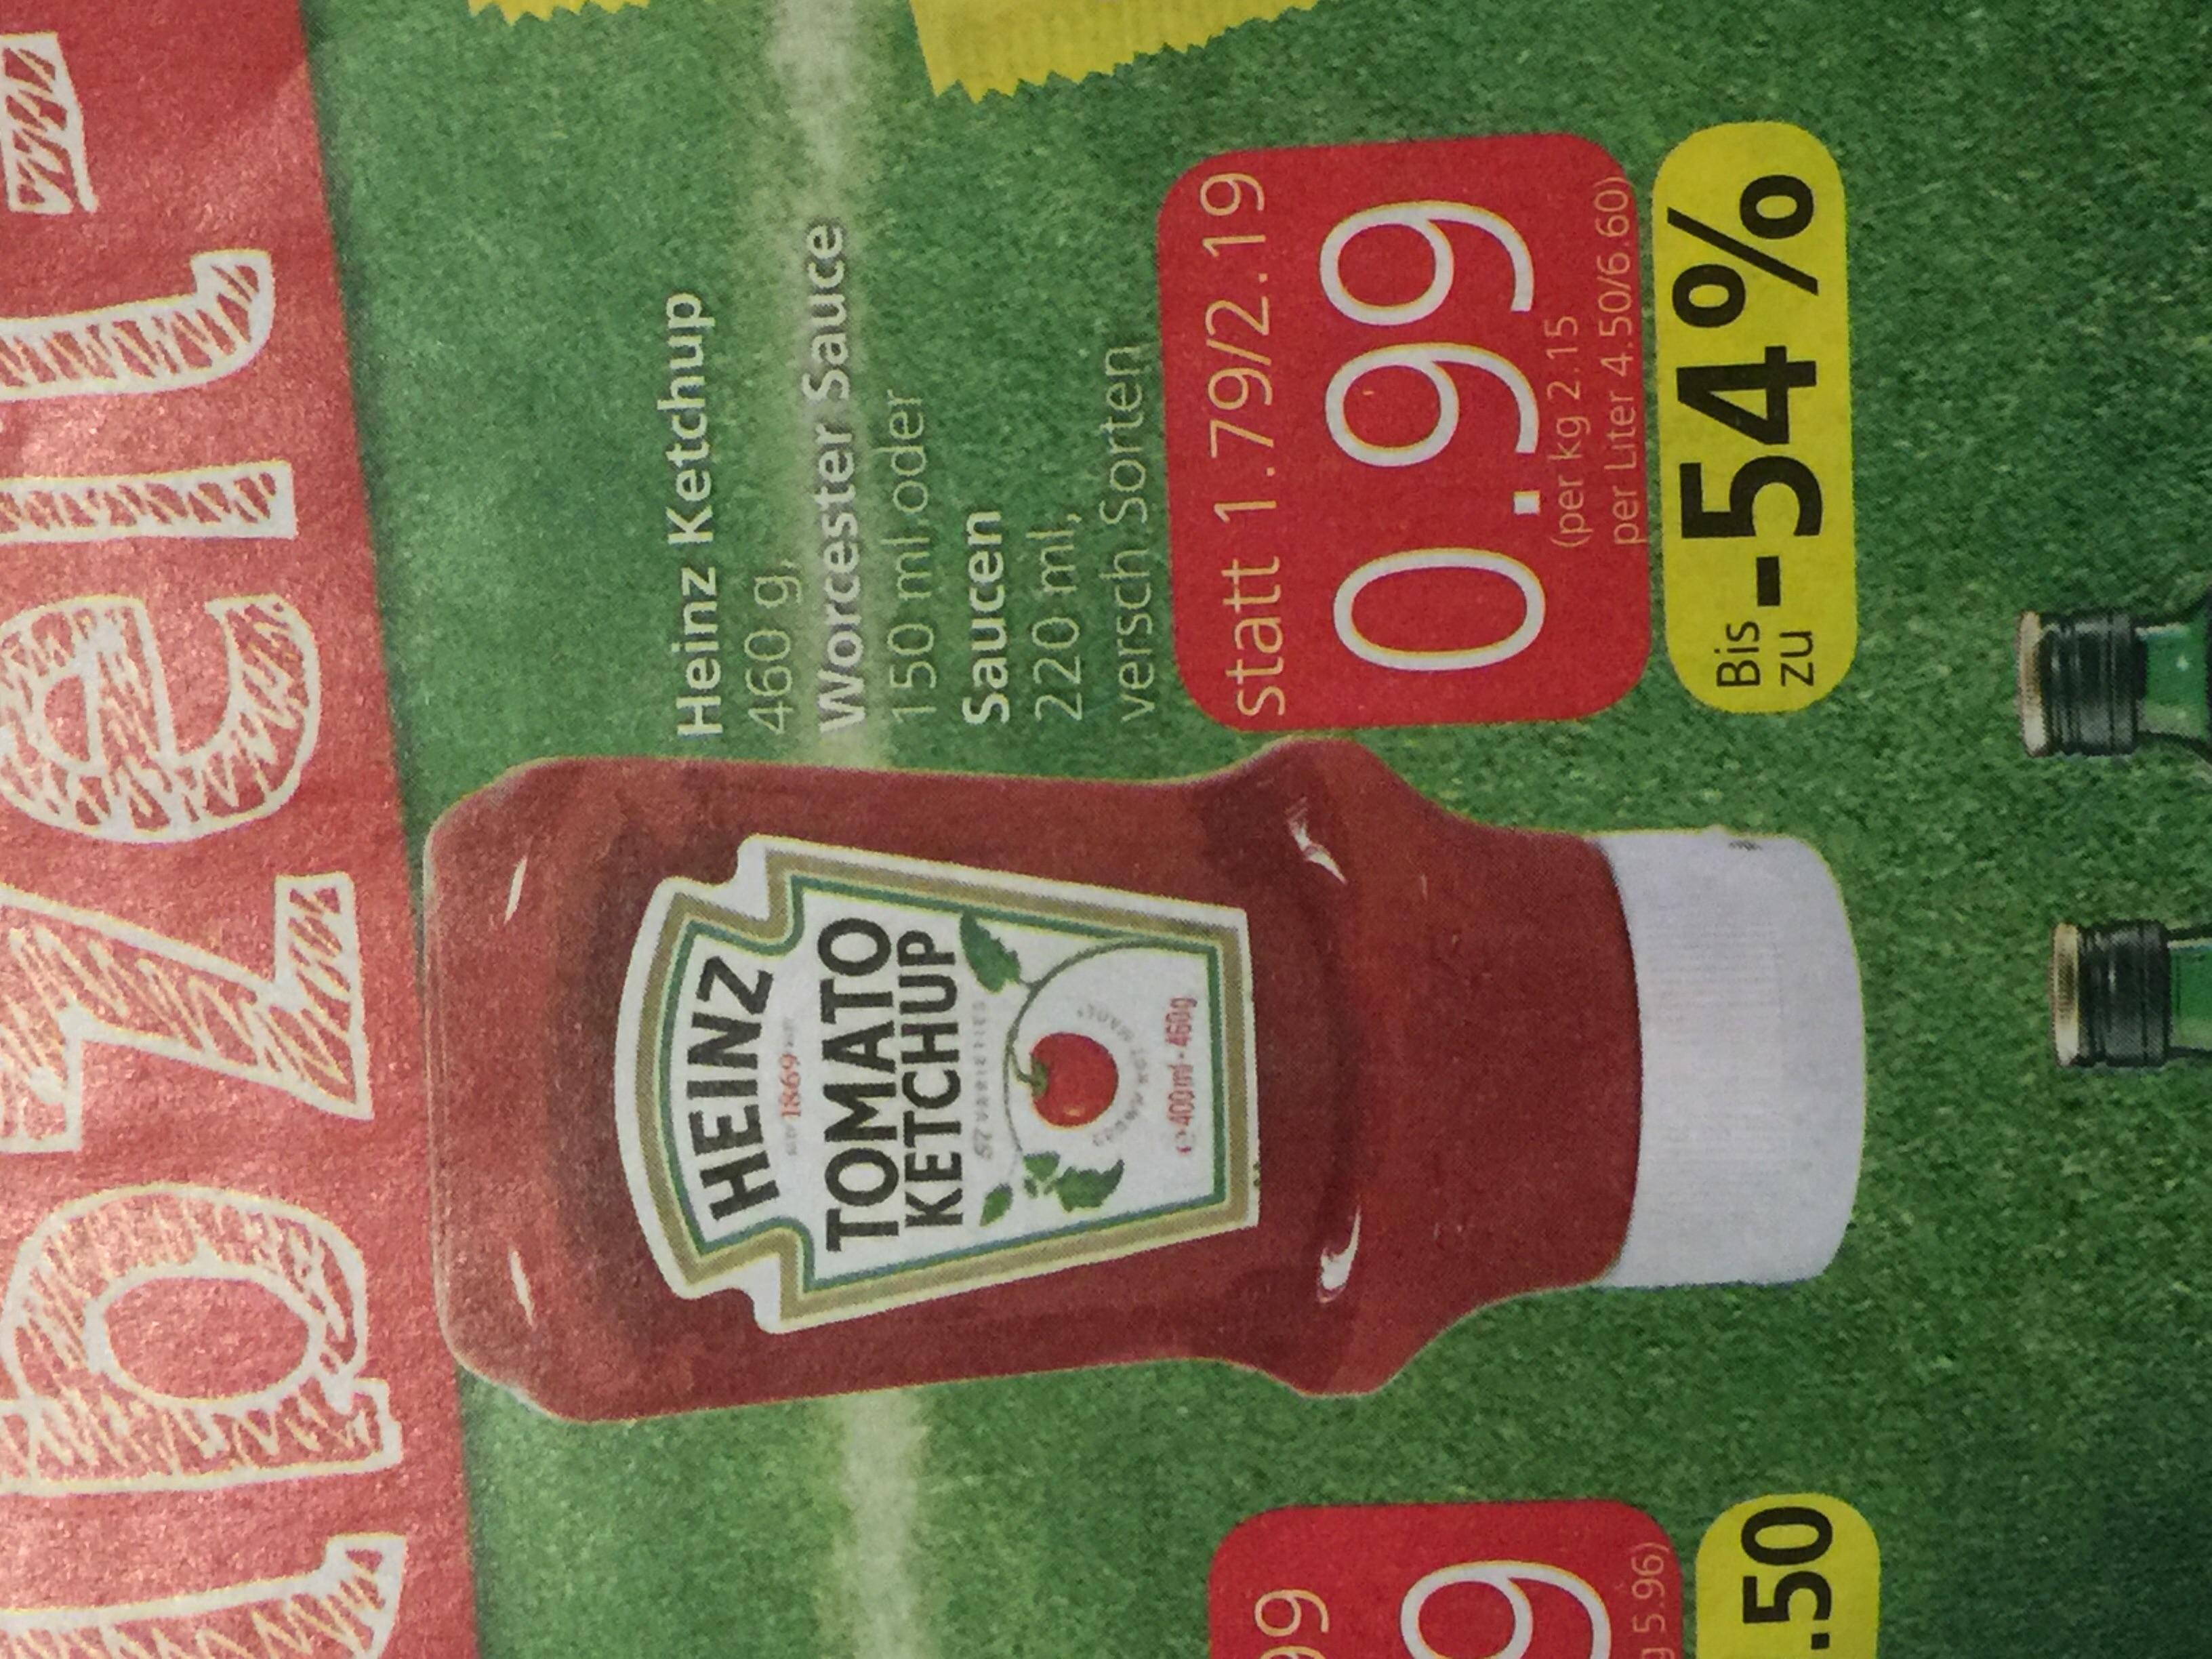 [Spar/meinKauf] 10x 460g Heinz Ketchup gratis